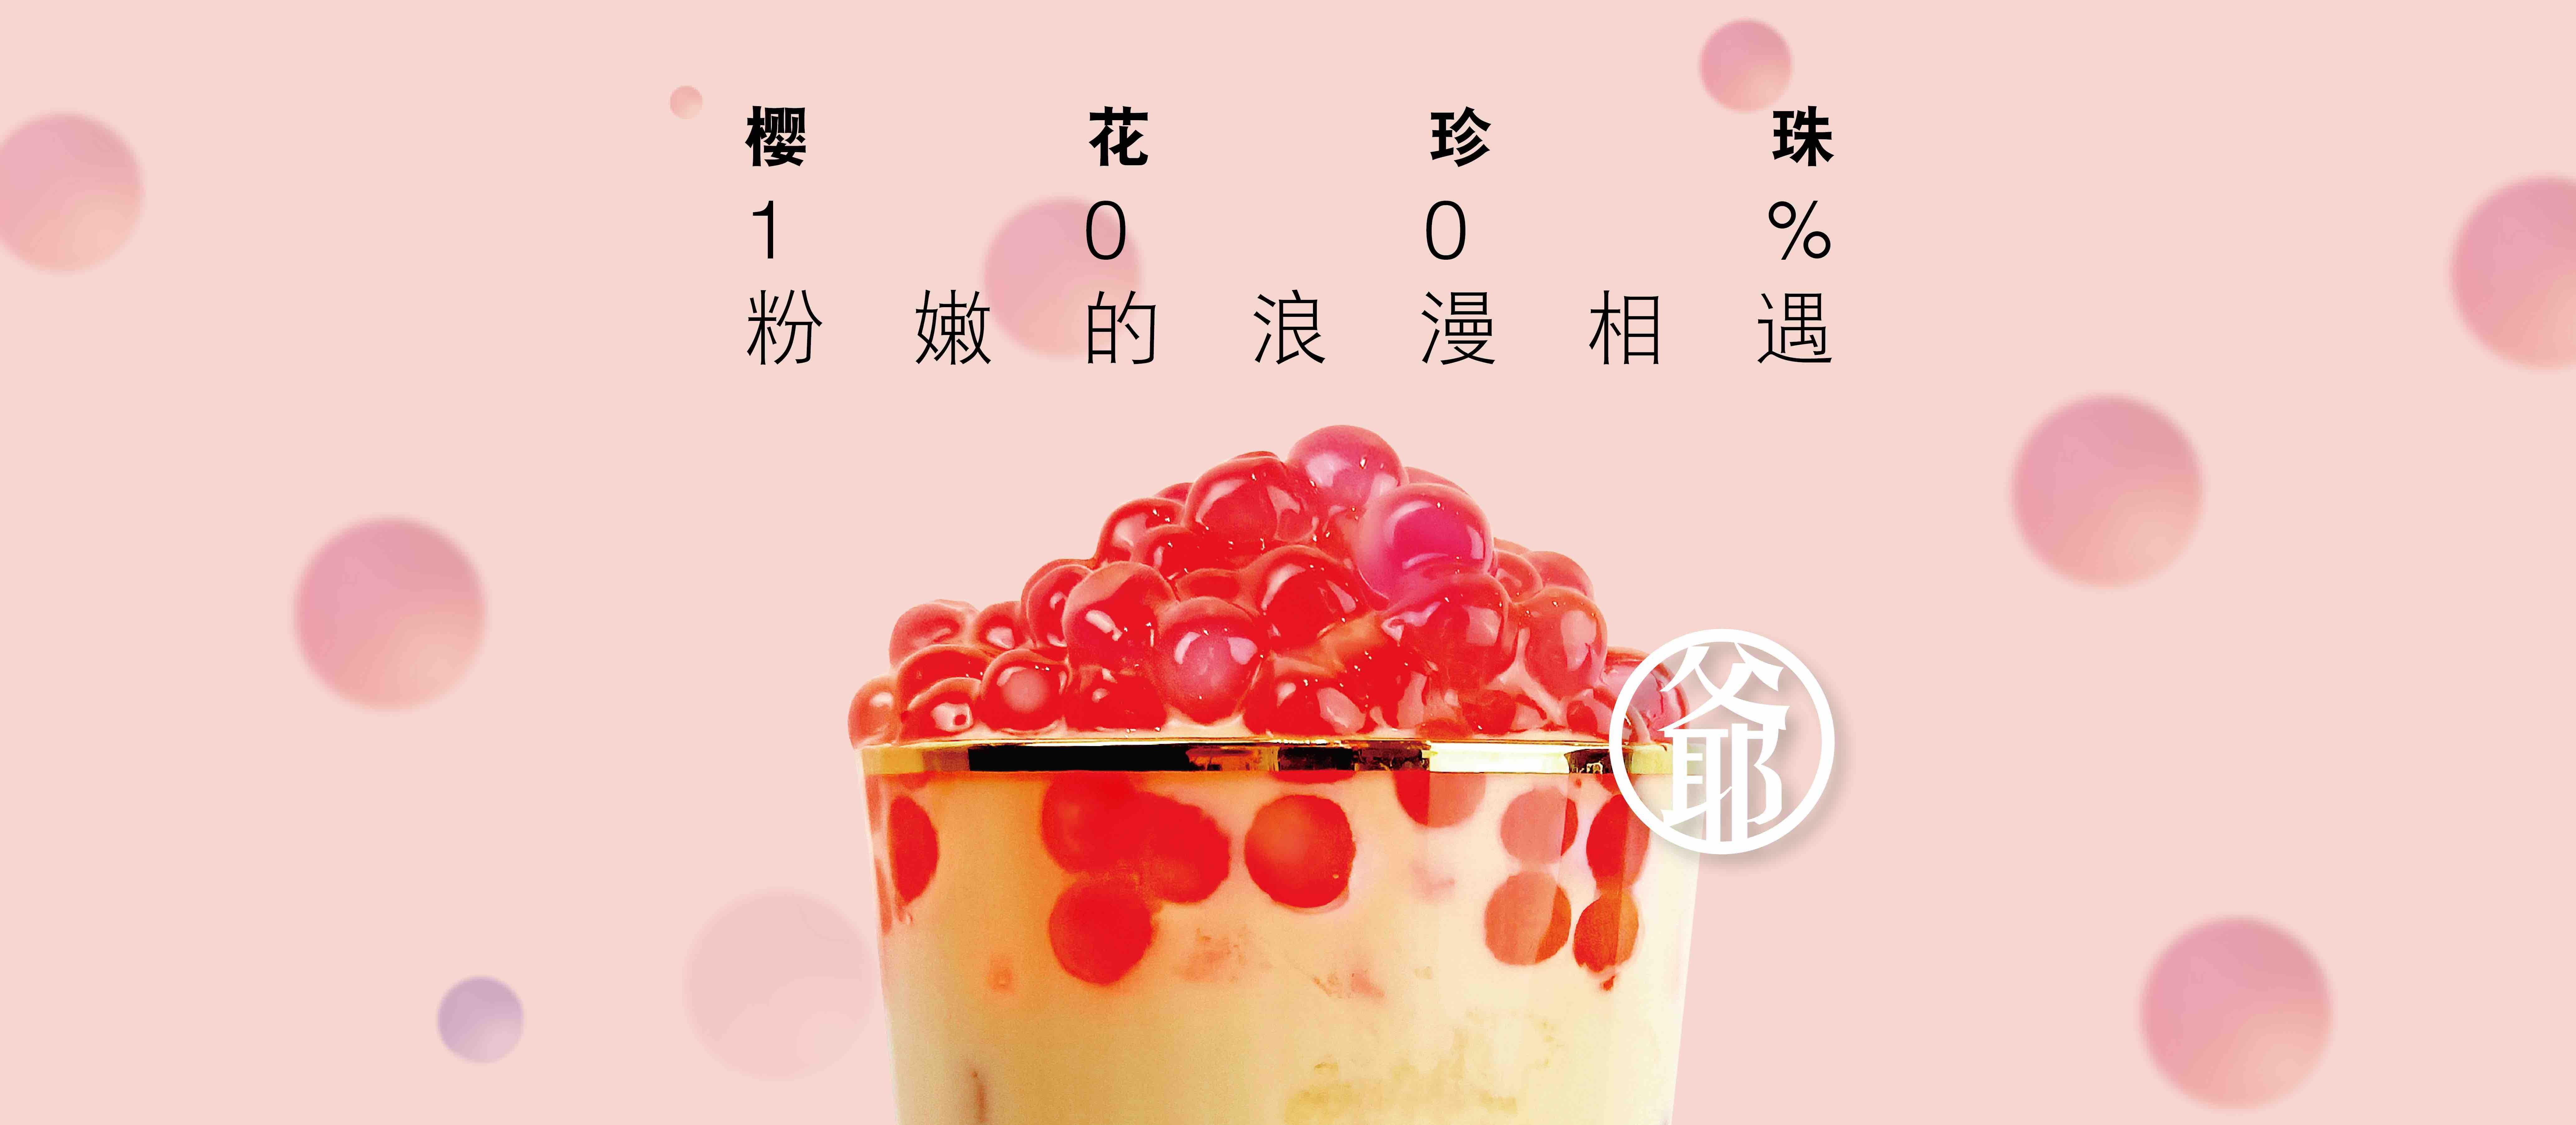 单页爷茶网页2_3GIF圖檔-03